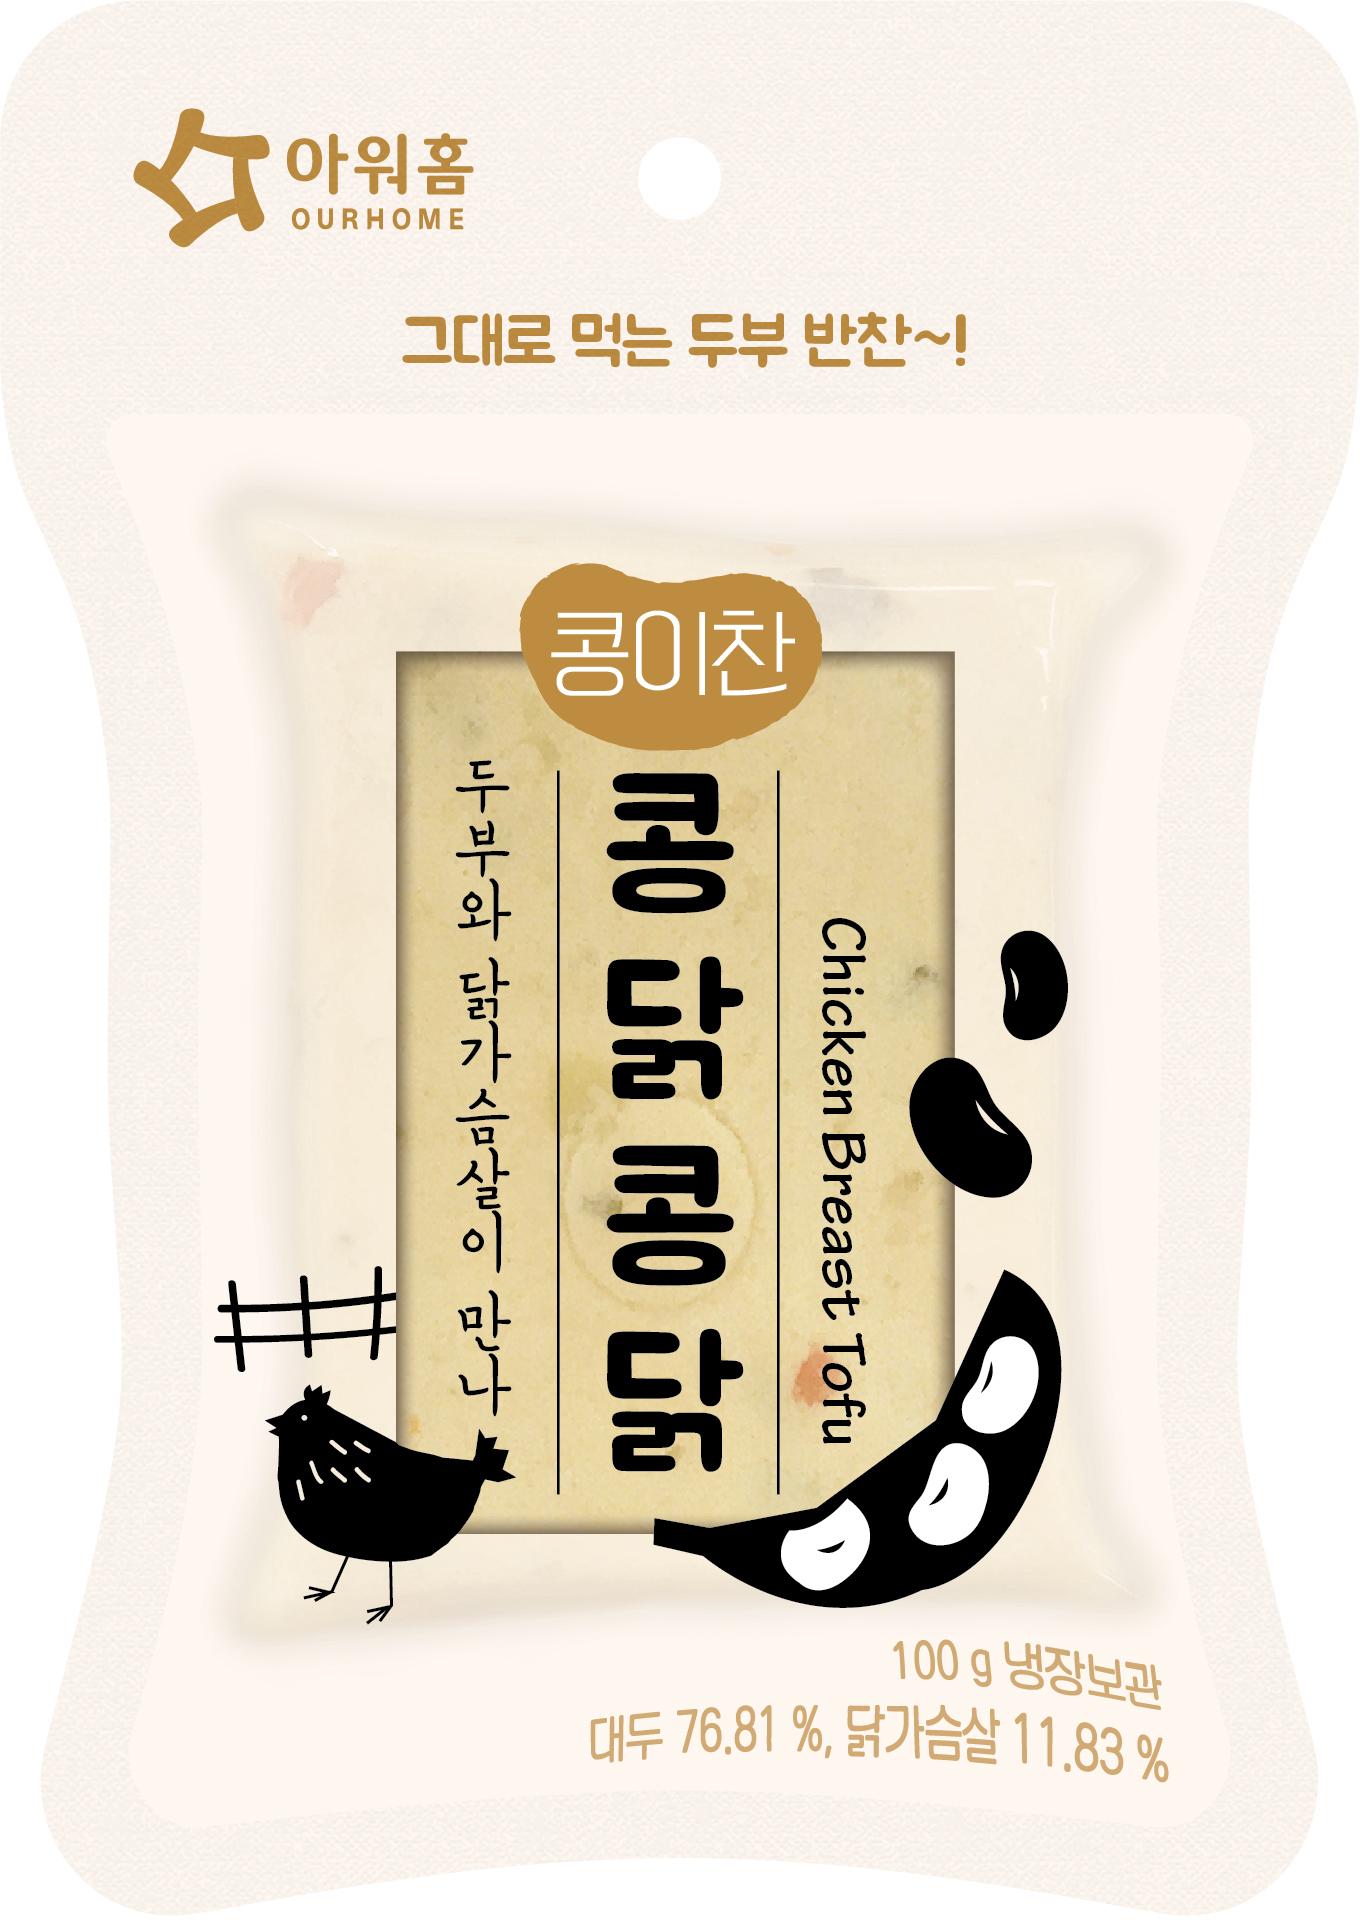 콩이찬 콩닭콩닭(100g),그대로먹는두부,국산콩100%,닭가슴살,천연응고제,반찬,영양만점